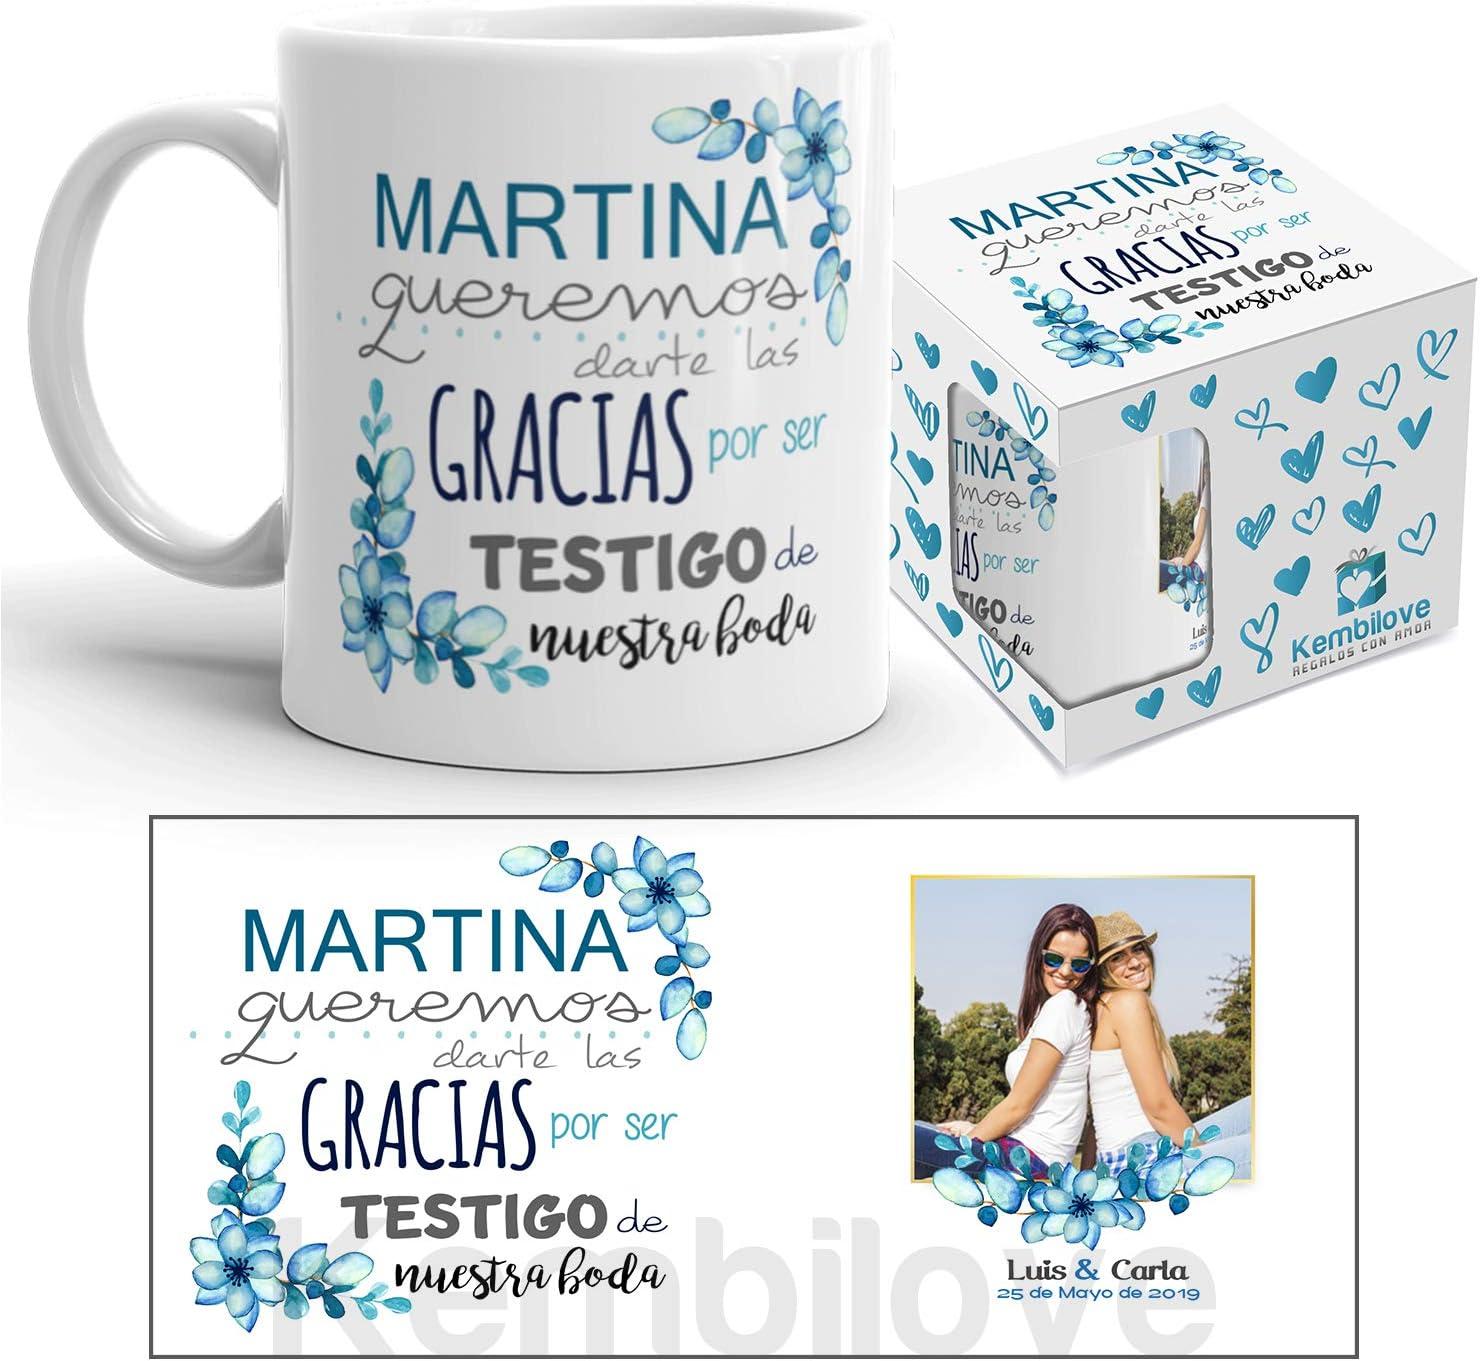 Taza de Café para Bodas – Taza de Desayuno Regalar a los Invitados – Taza de Café y Té para Bodas – Taza de Cerámica Impresa – Tazas de de 350 ml para Aniversario (Testigo de Boda.)